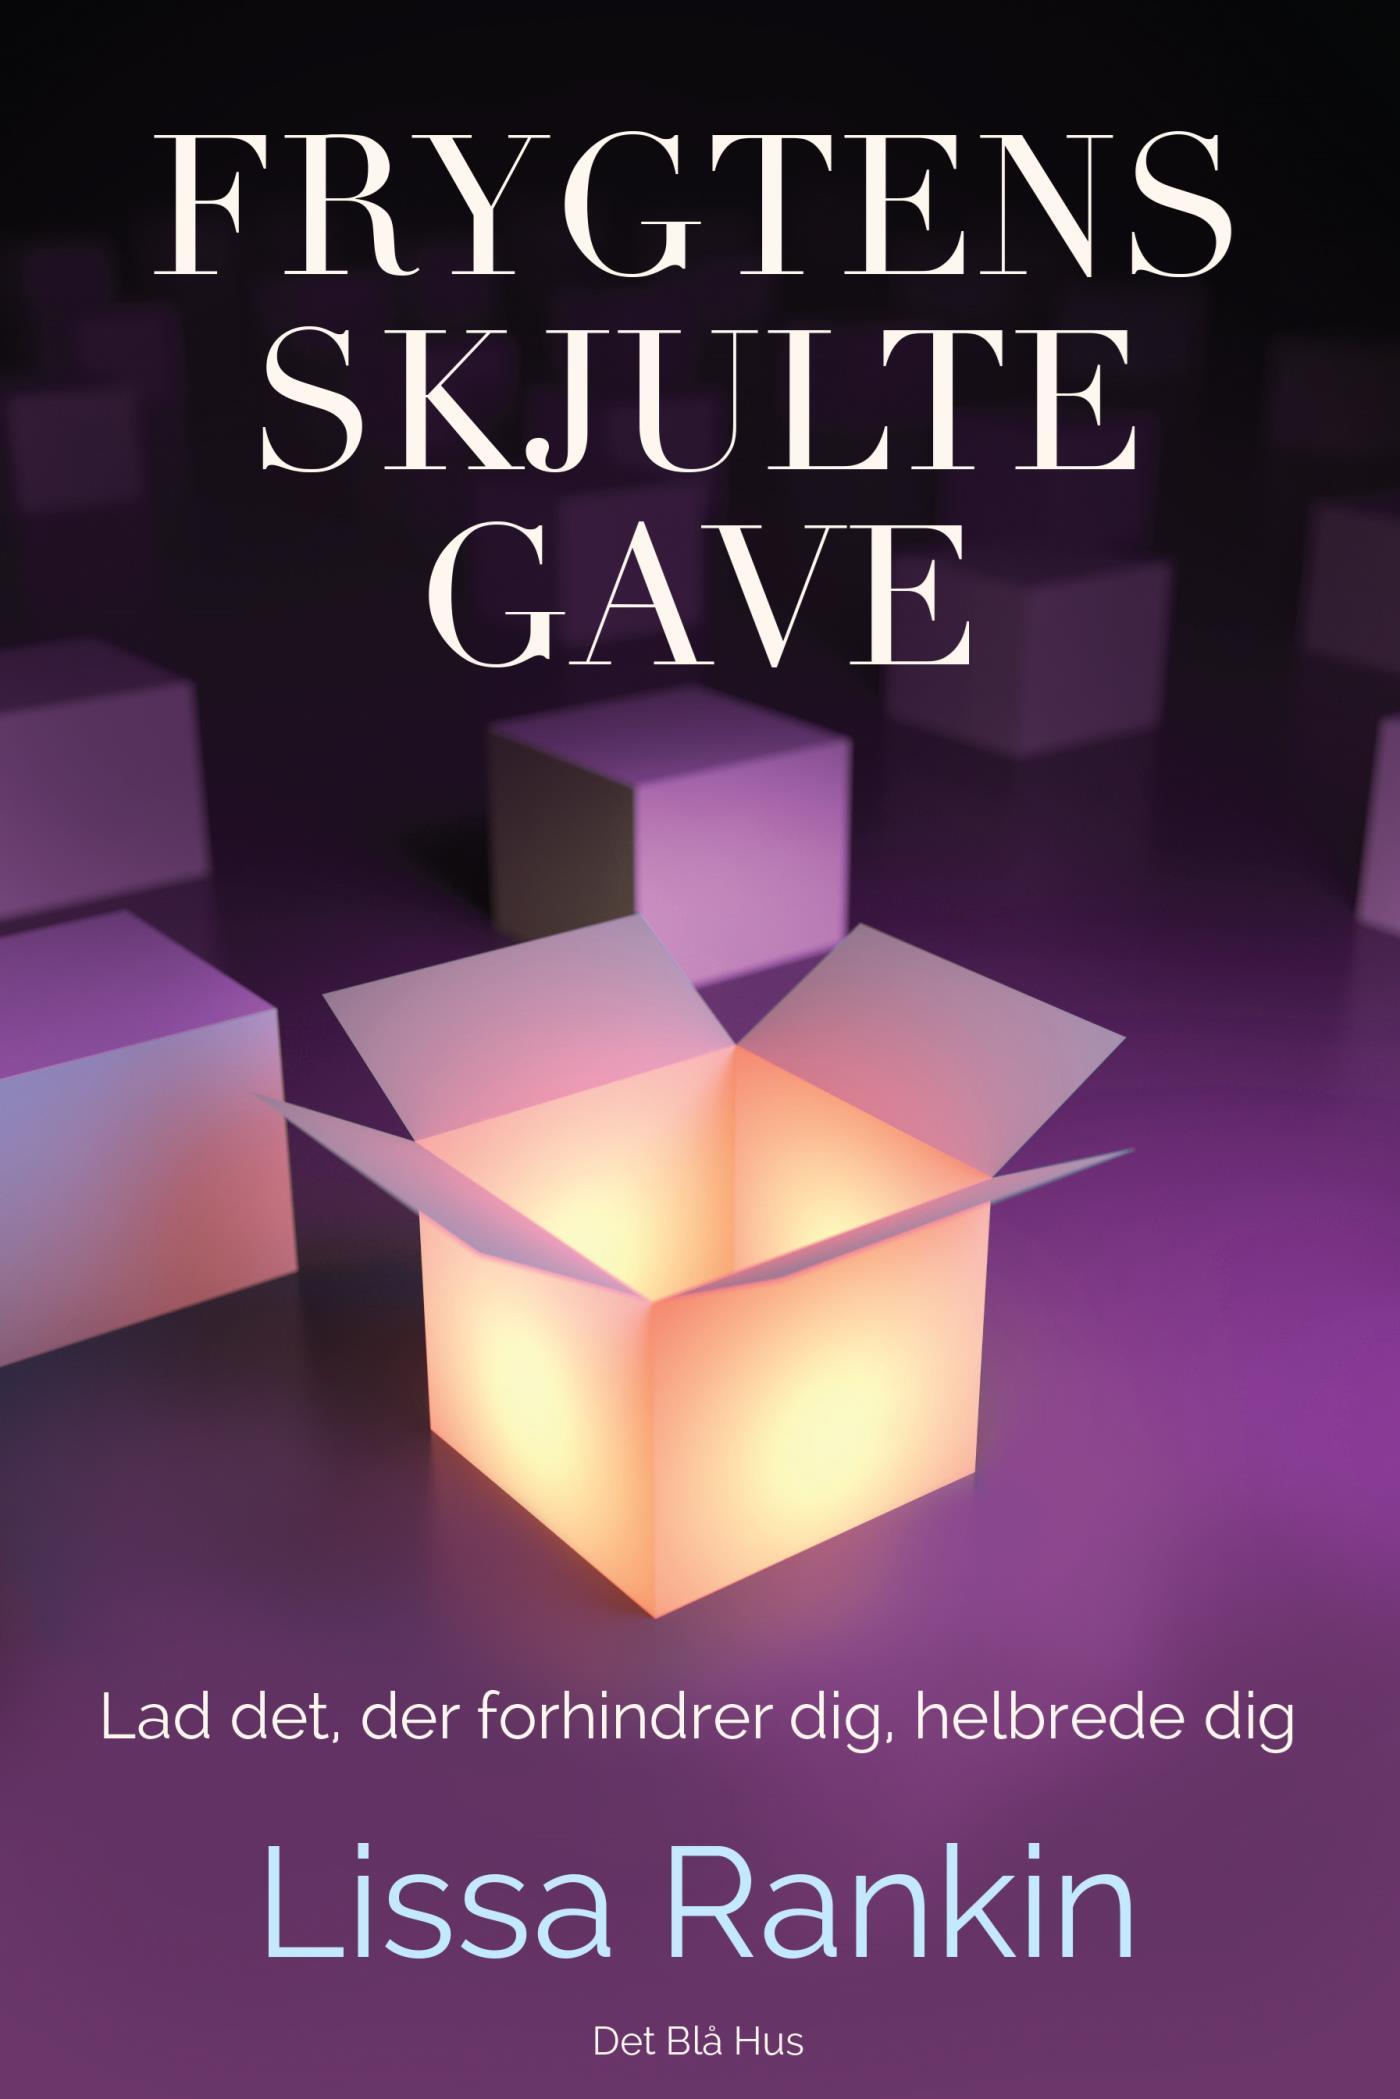 Frygtens skjulte gave - e-bog fra N/A på bog & mystik